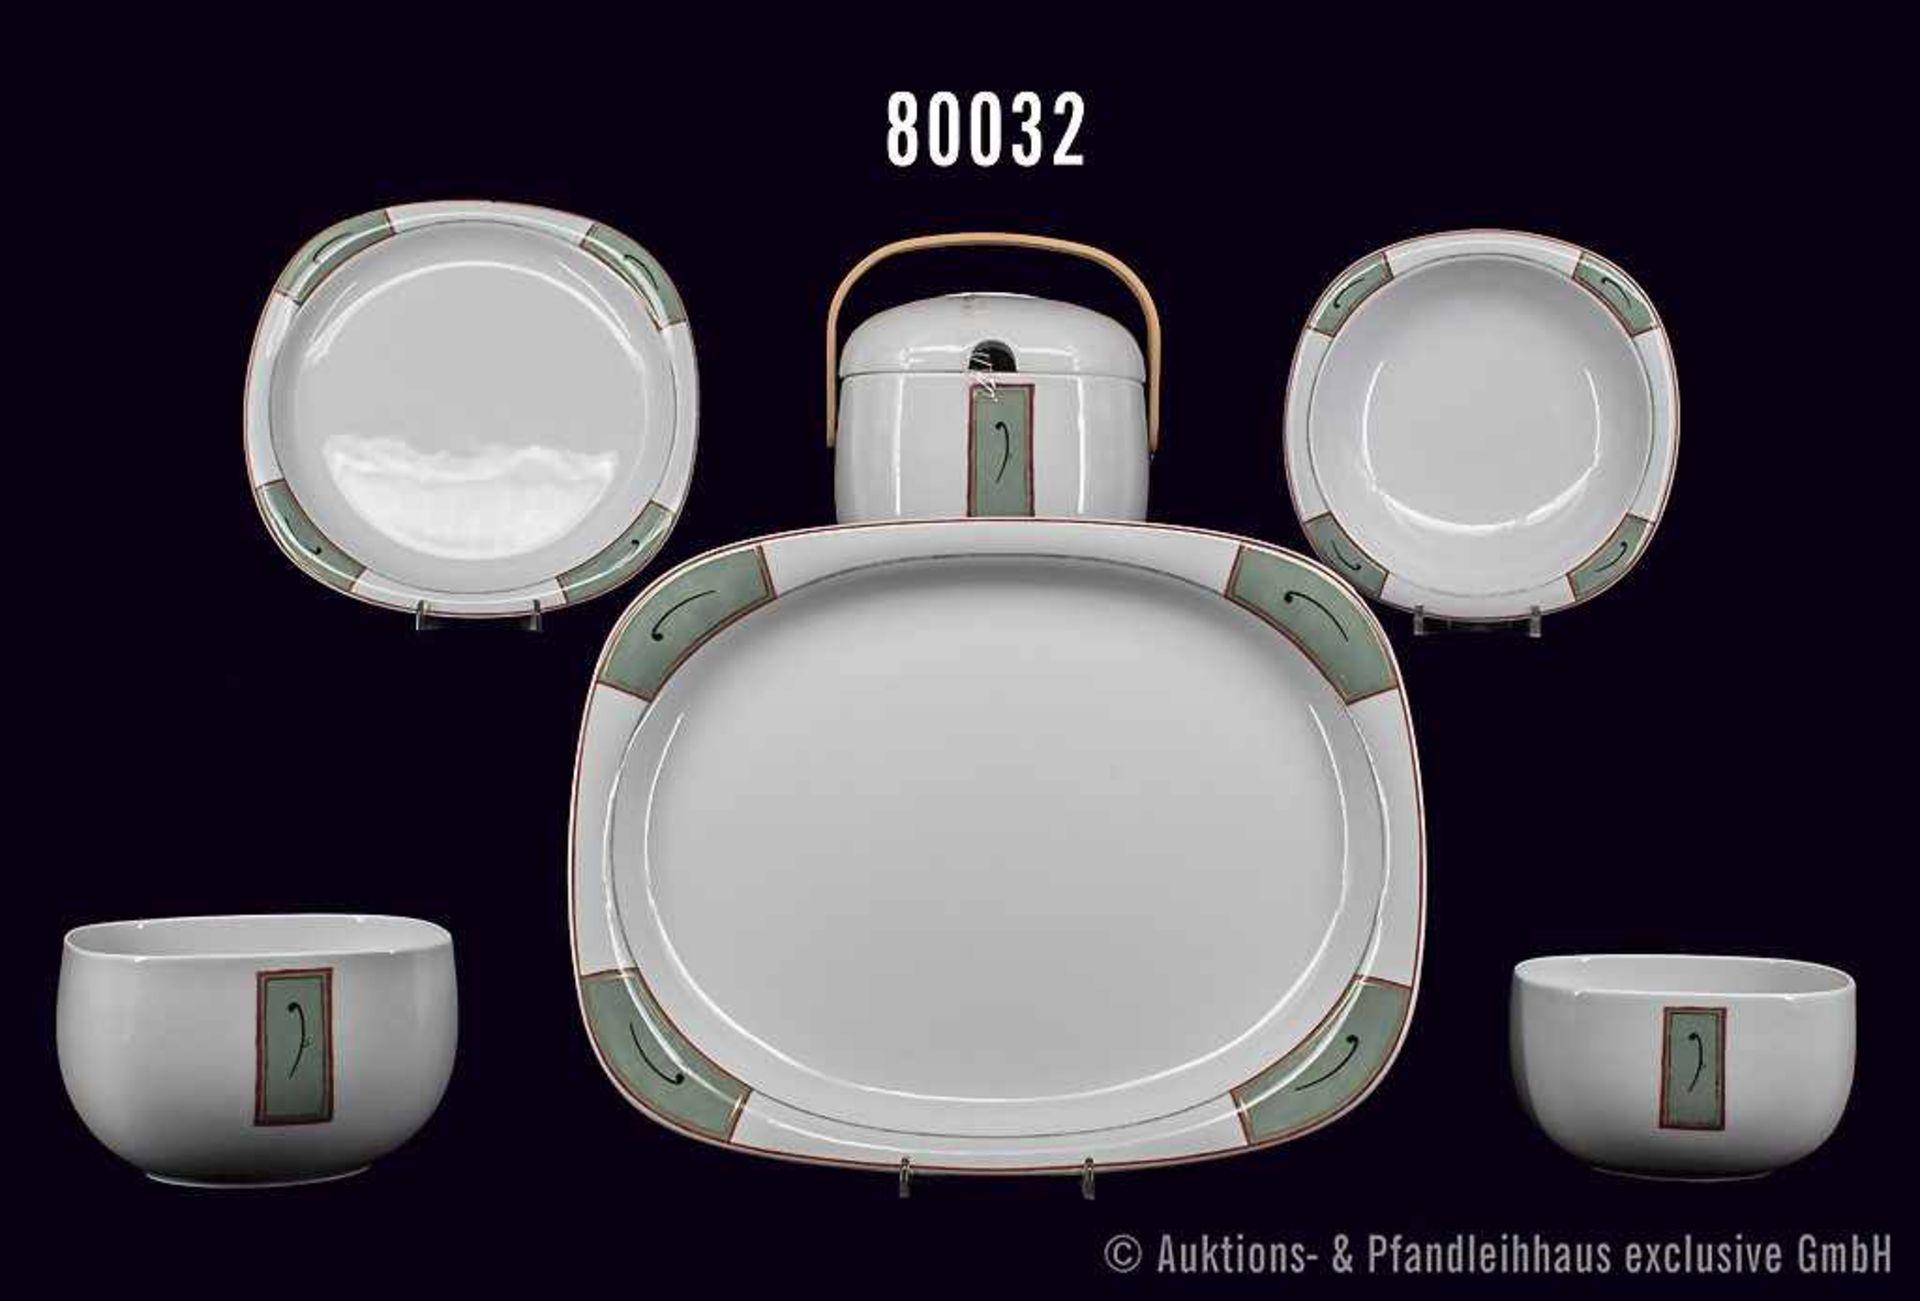 Konv. Rosenthal Porzellan, 16 Teile, Serie Suomi, Dekor Jang Pai, Design Timo Sarpaneva, jap.